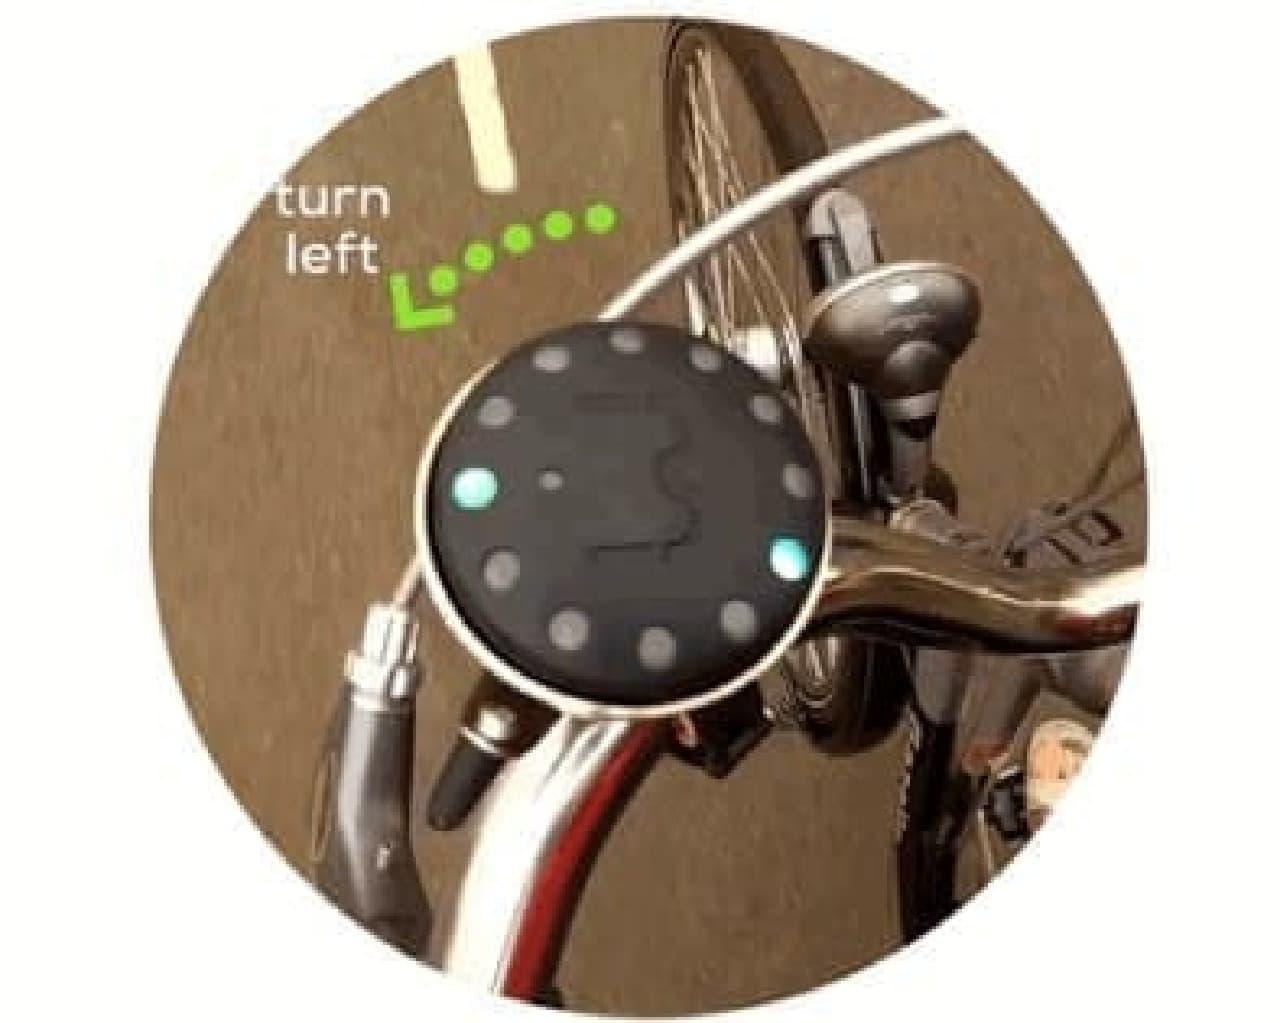 「Blubel」のグリーンのLEDは曲がる方向を示す